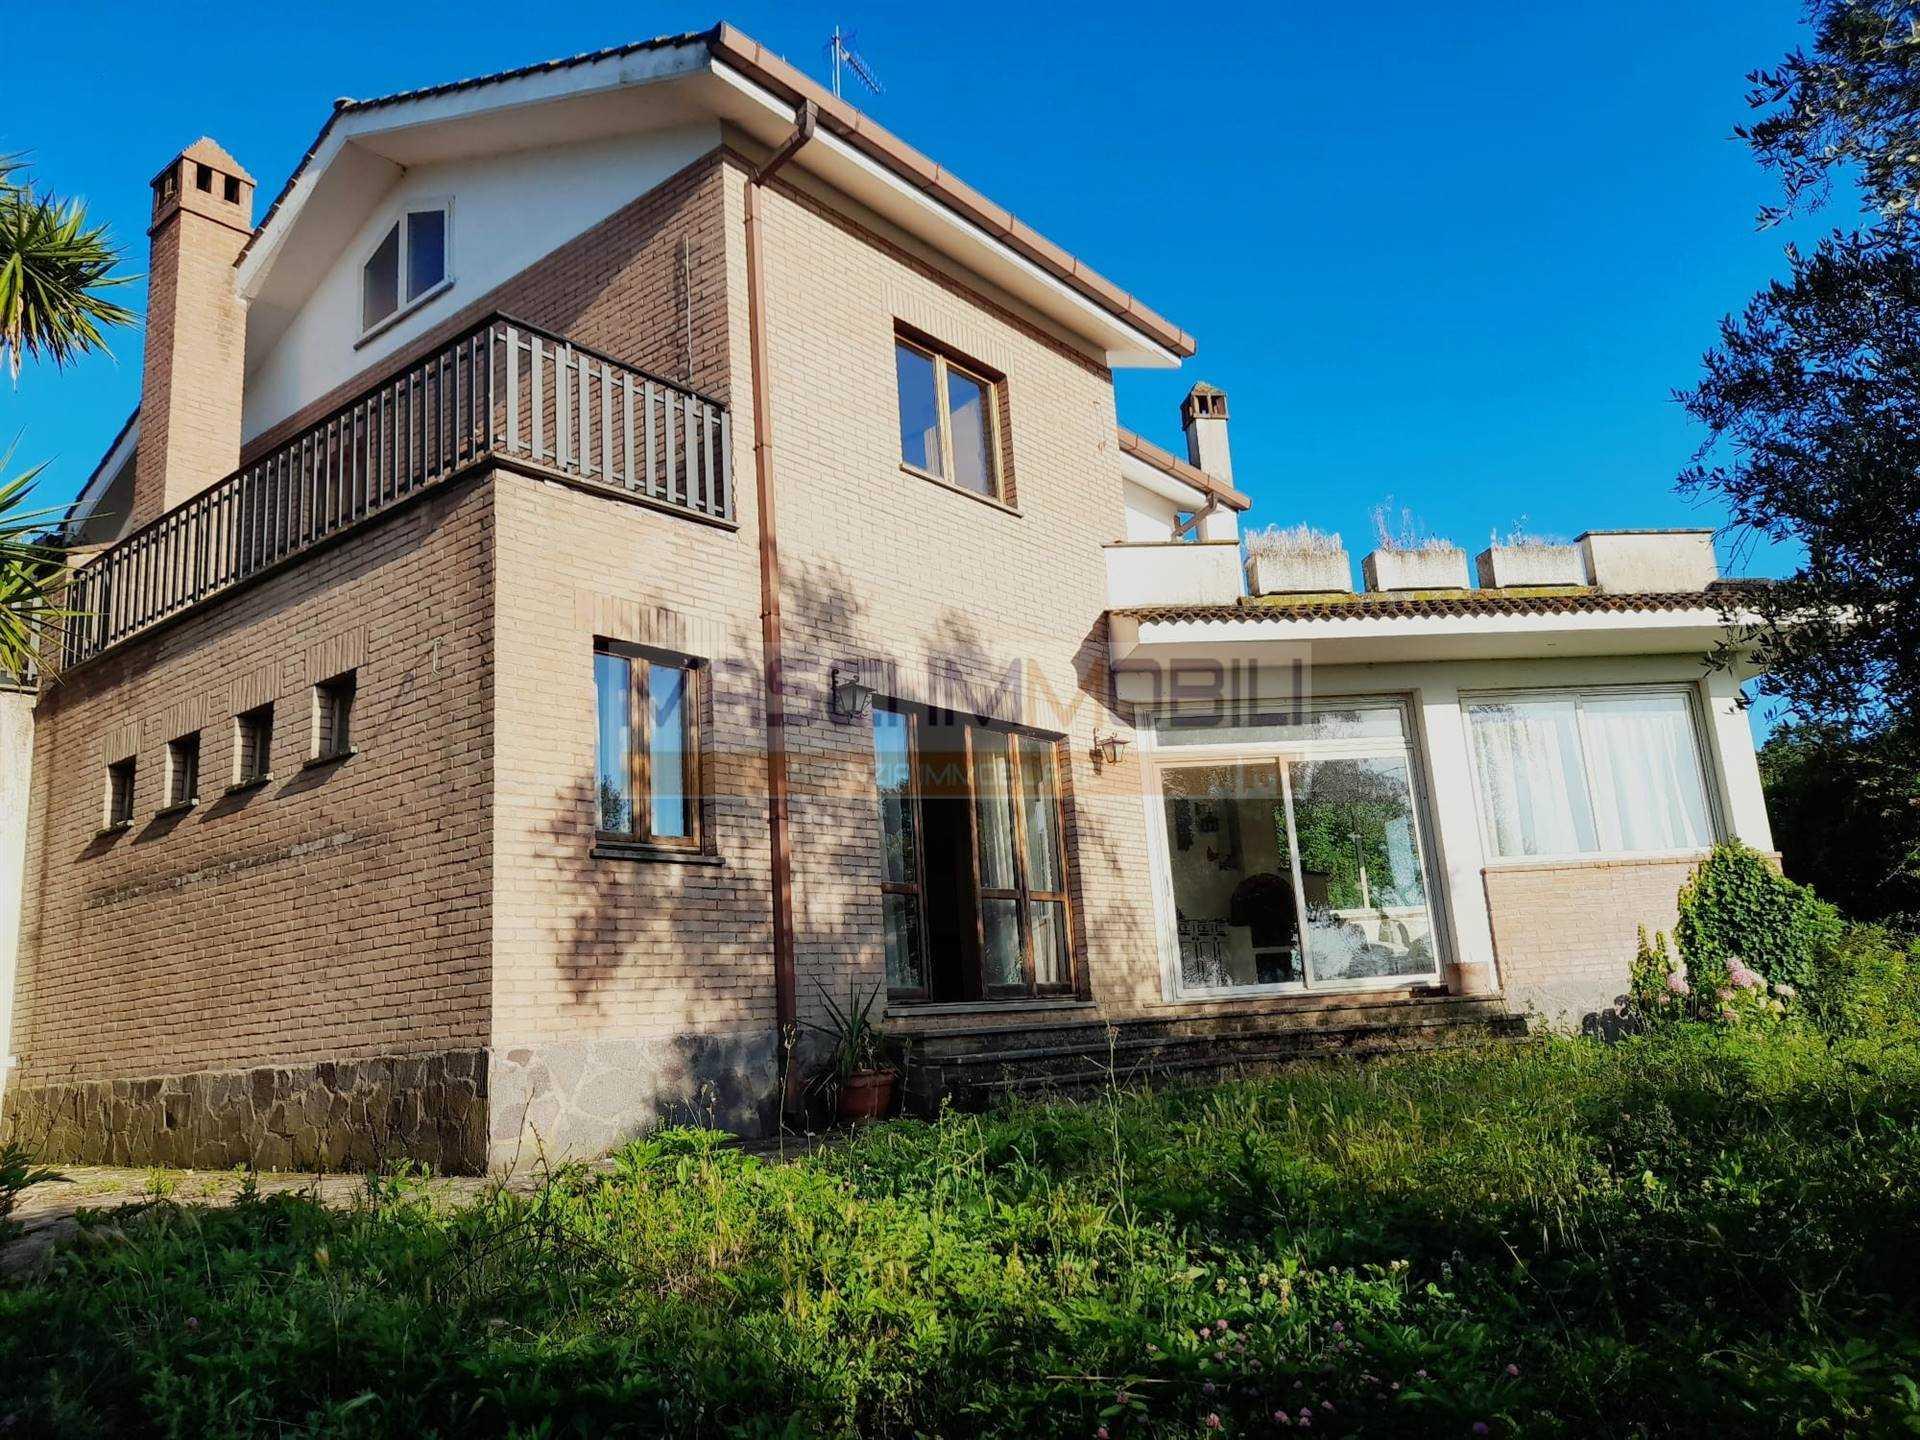 Villa in vendita a Civitella San Paolo, 4 locali, prezzo € 240.000   CambioCasa.it